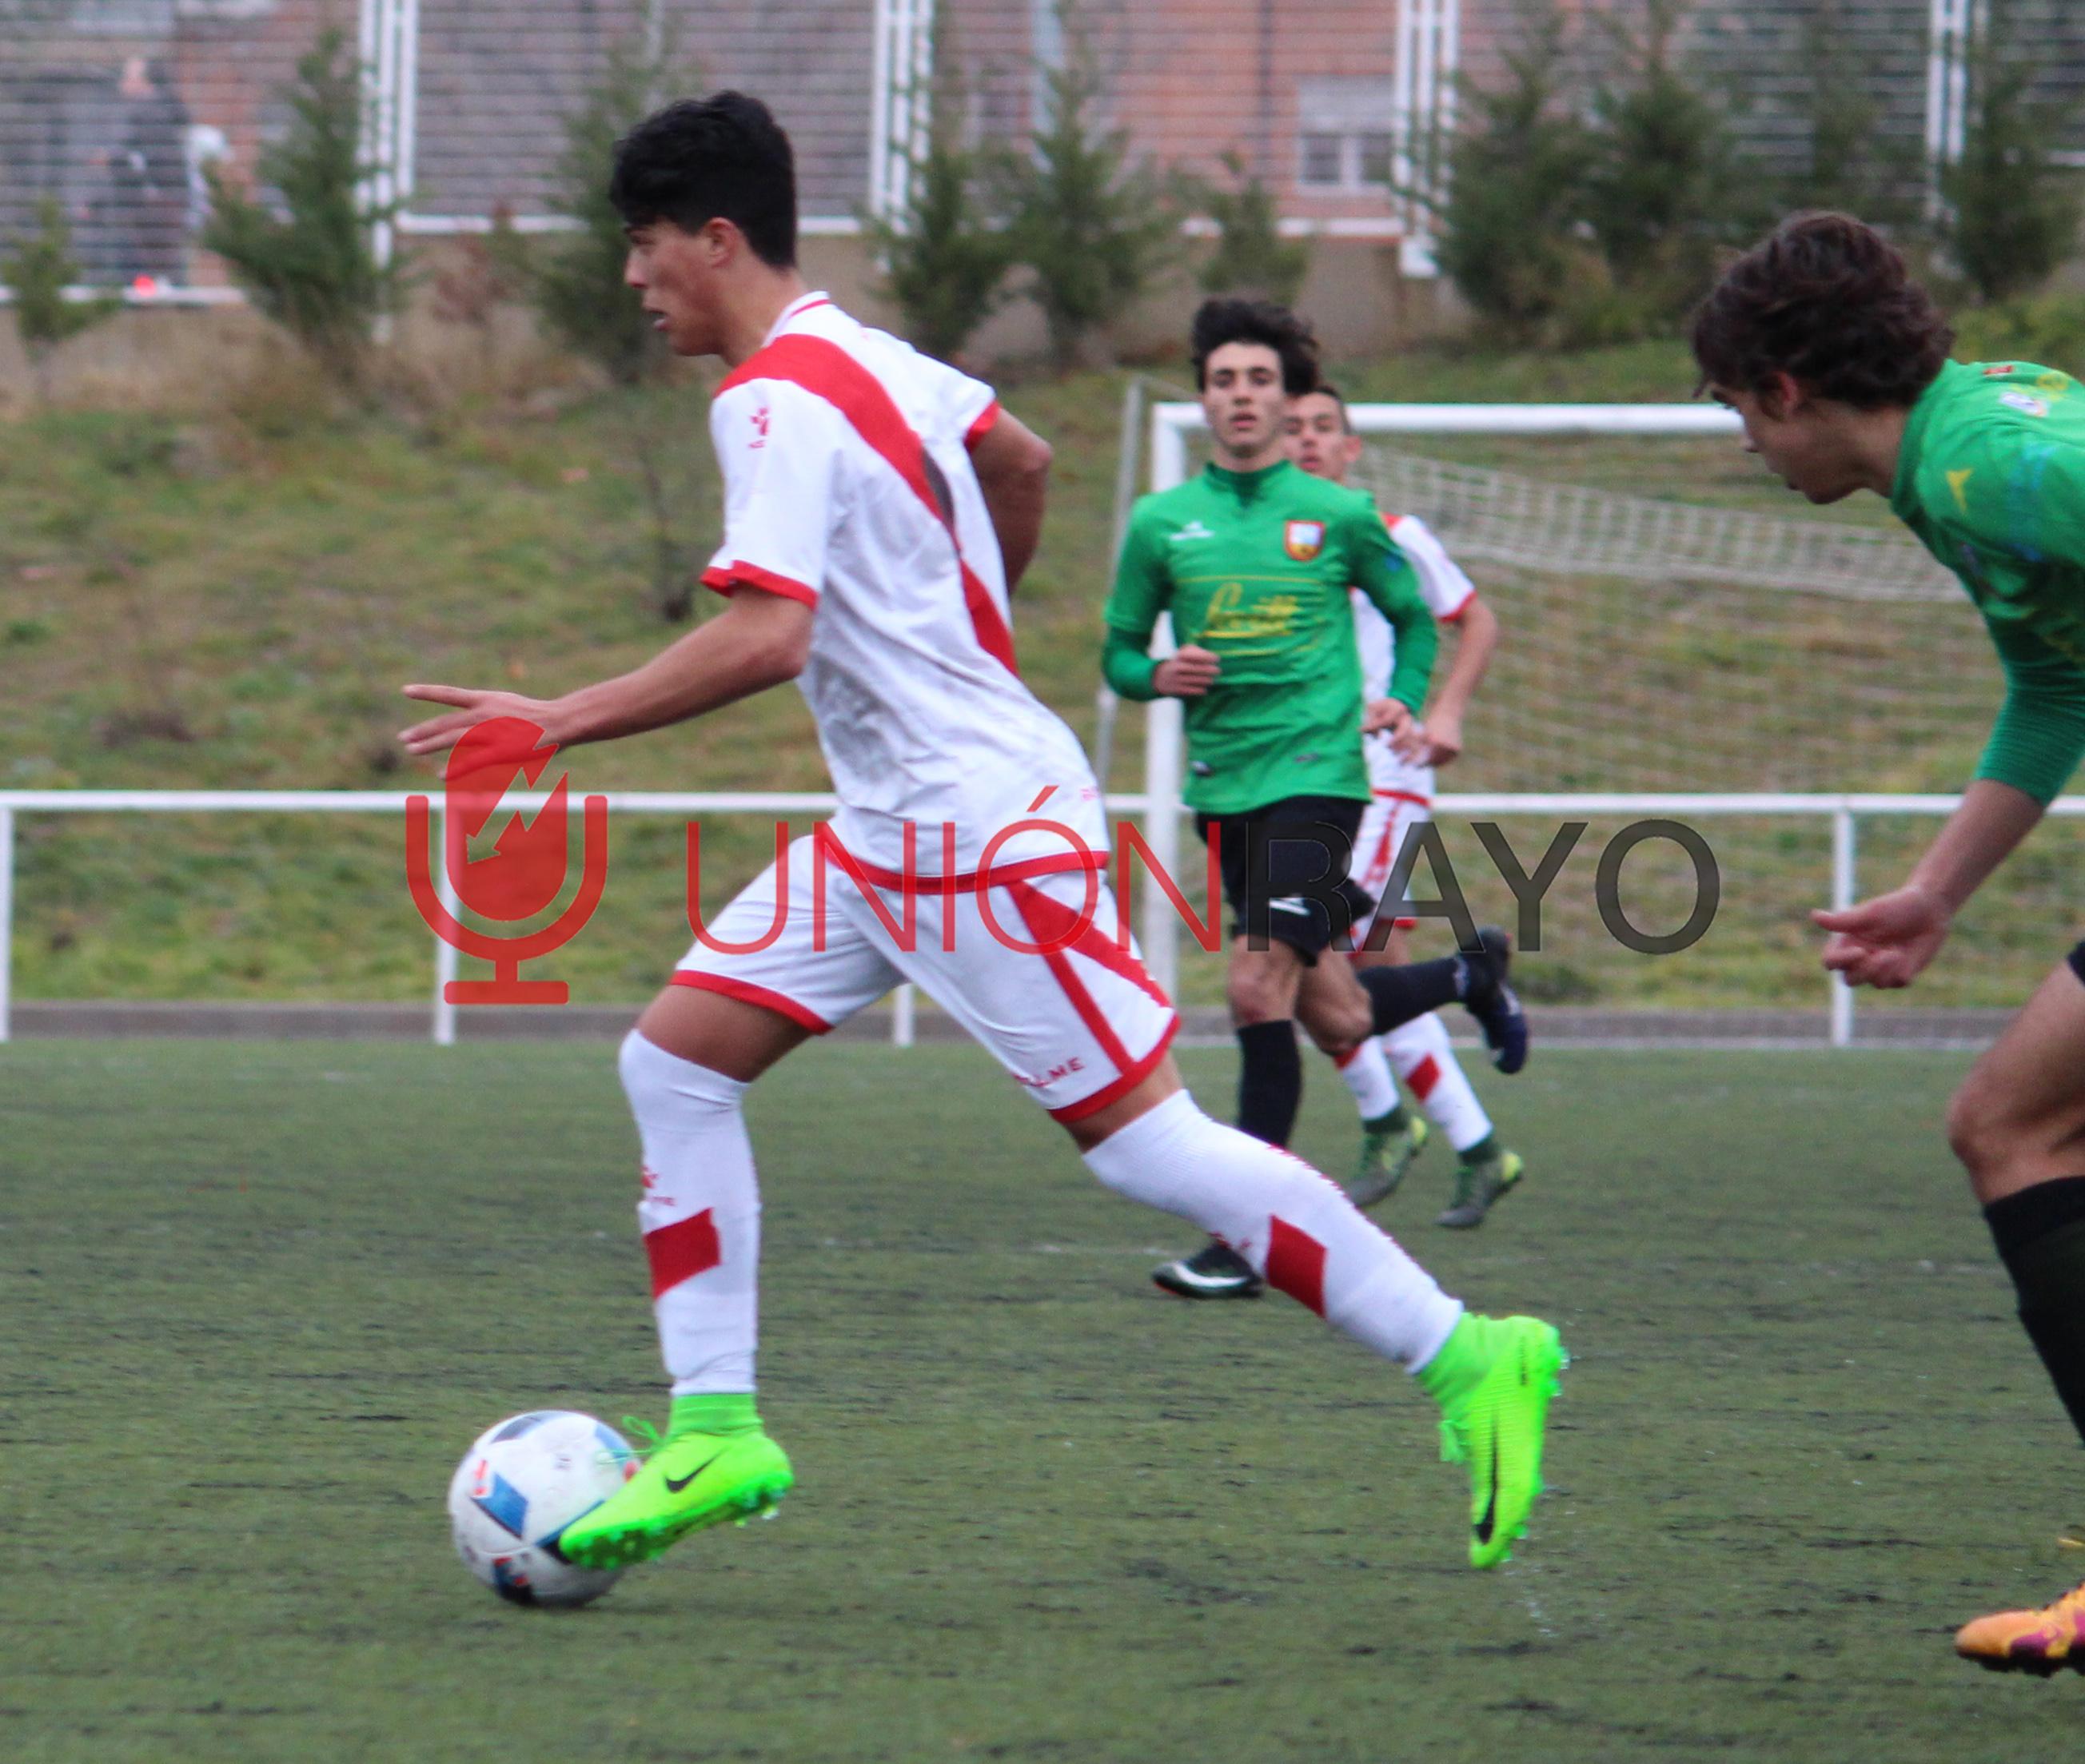 Juvenil B 1-0 Alcobendas Levitt